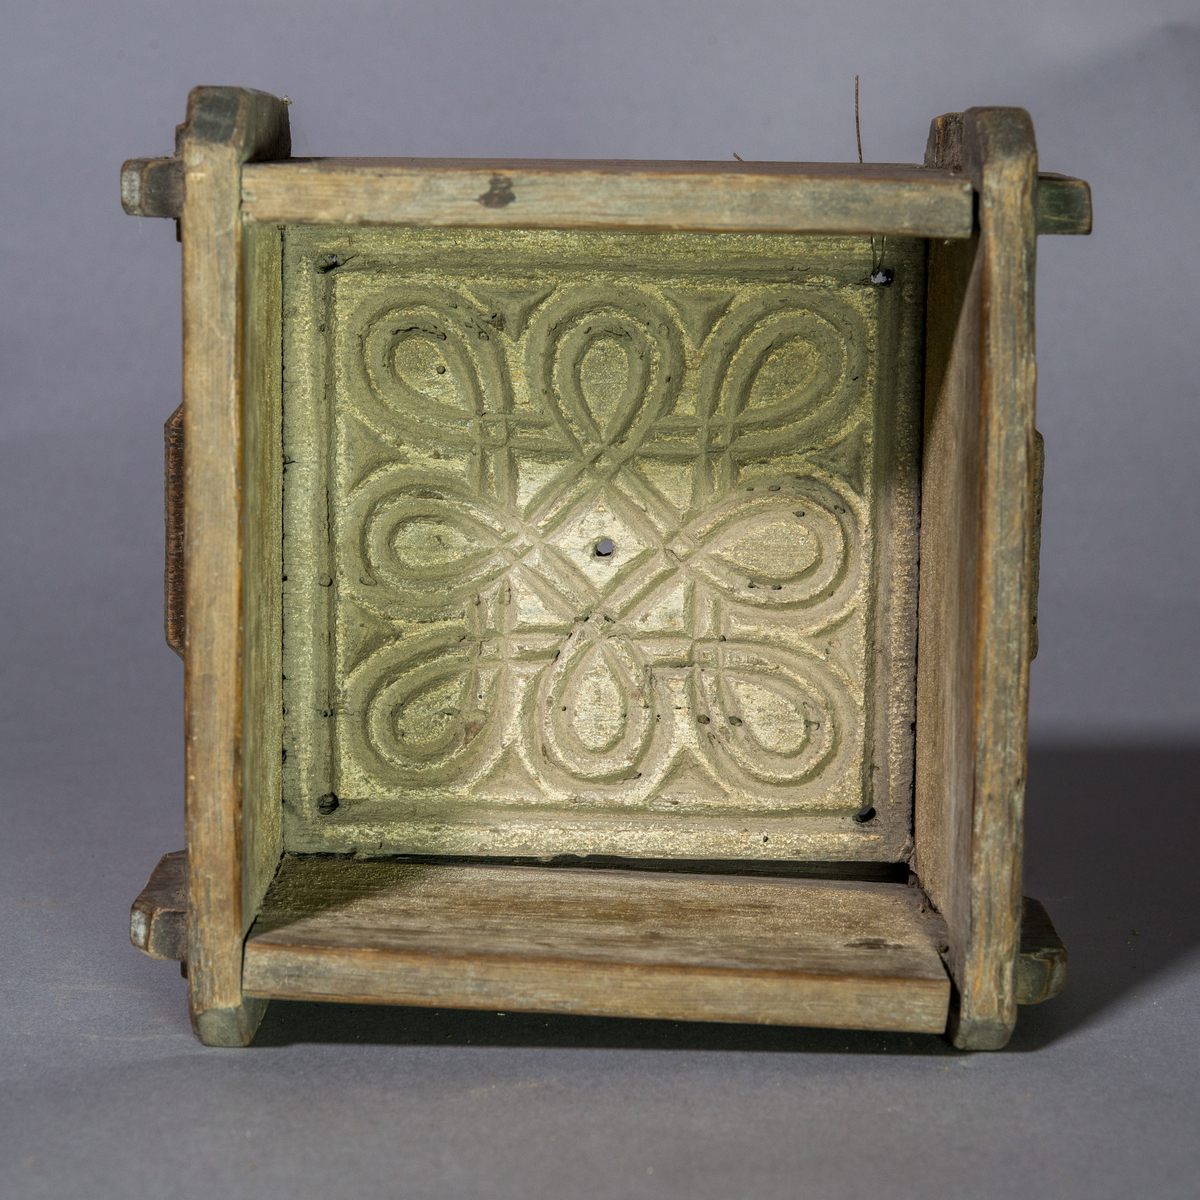 Ostkar av ek, kvadratiskt och öppningsbart. Botten med dekorativt utskuret mönster i form av två stycken omlott liggande Sankthanskors.